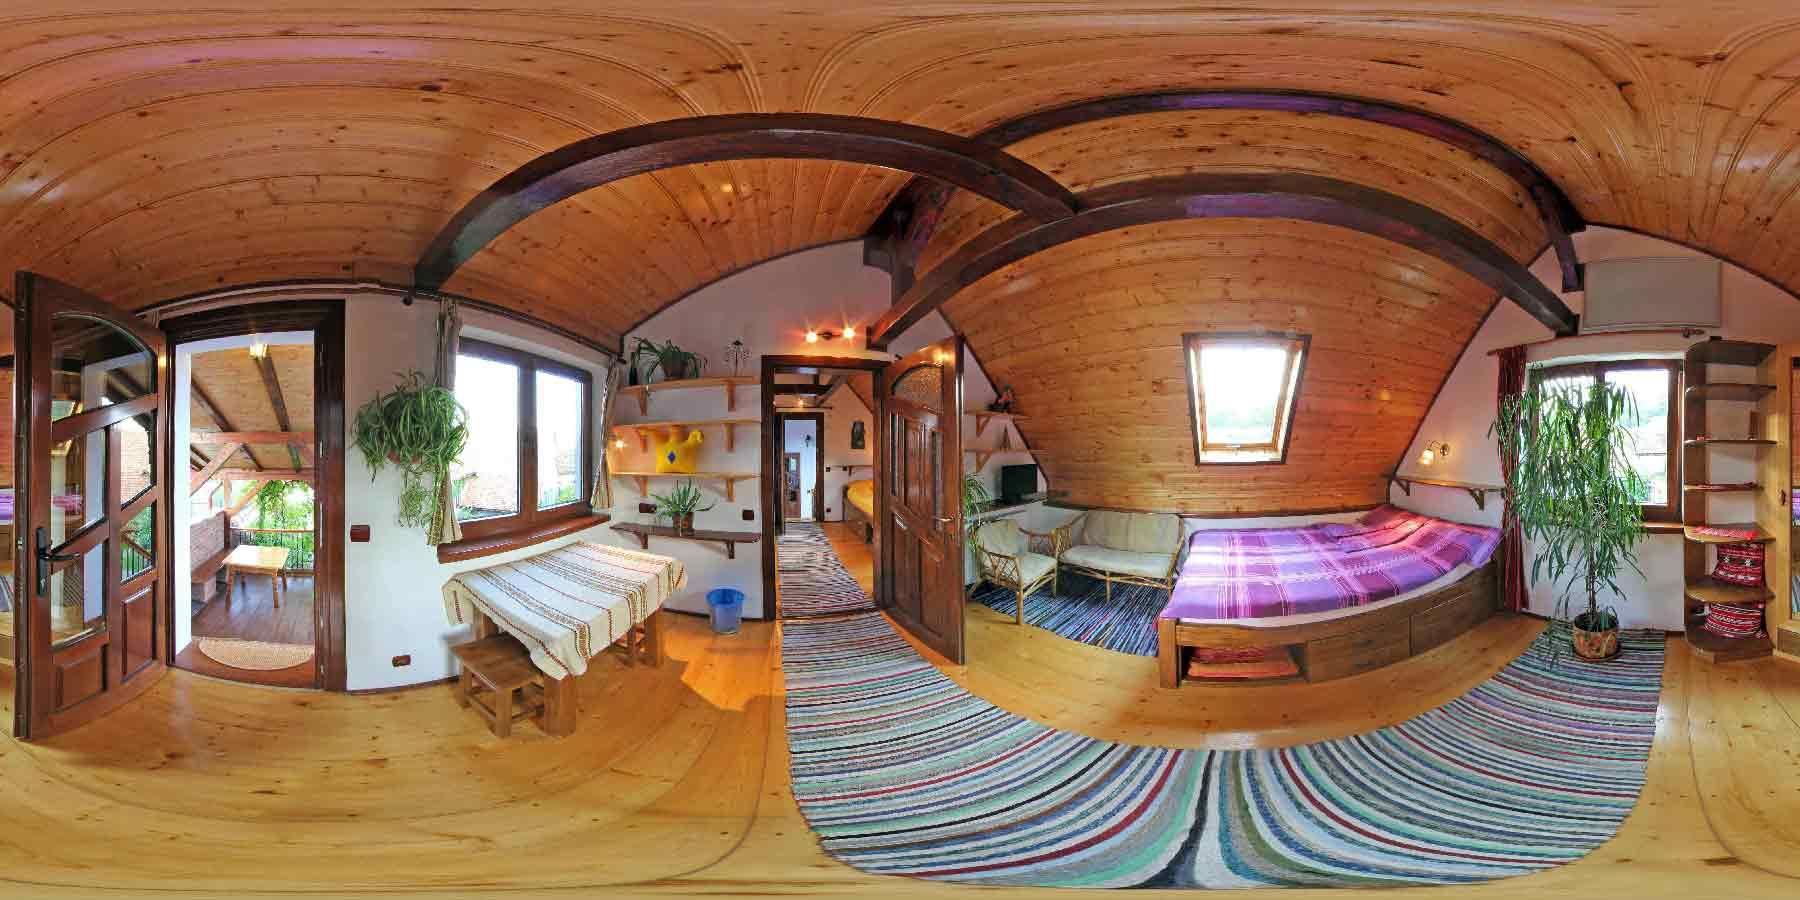 bauernhofurlaub in den karpaten   ferienhaus sibiu für familienurlaub in rumänien